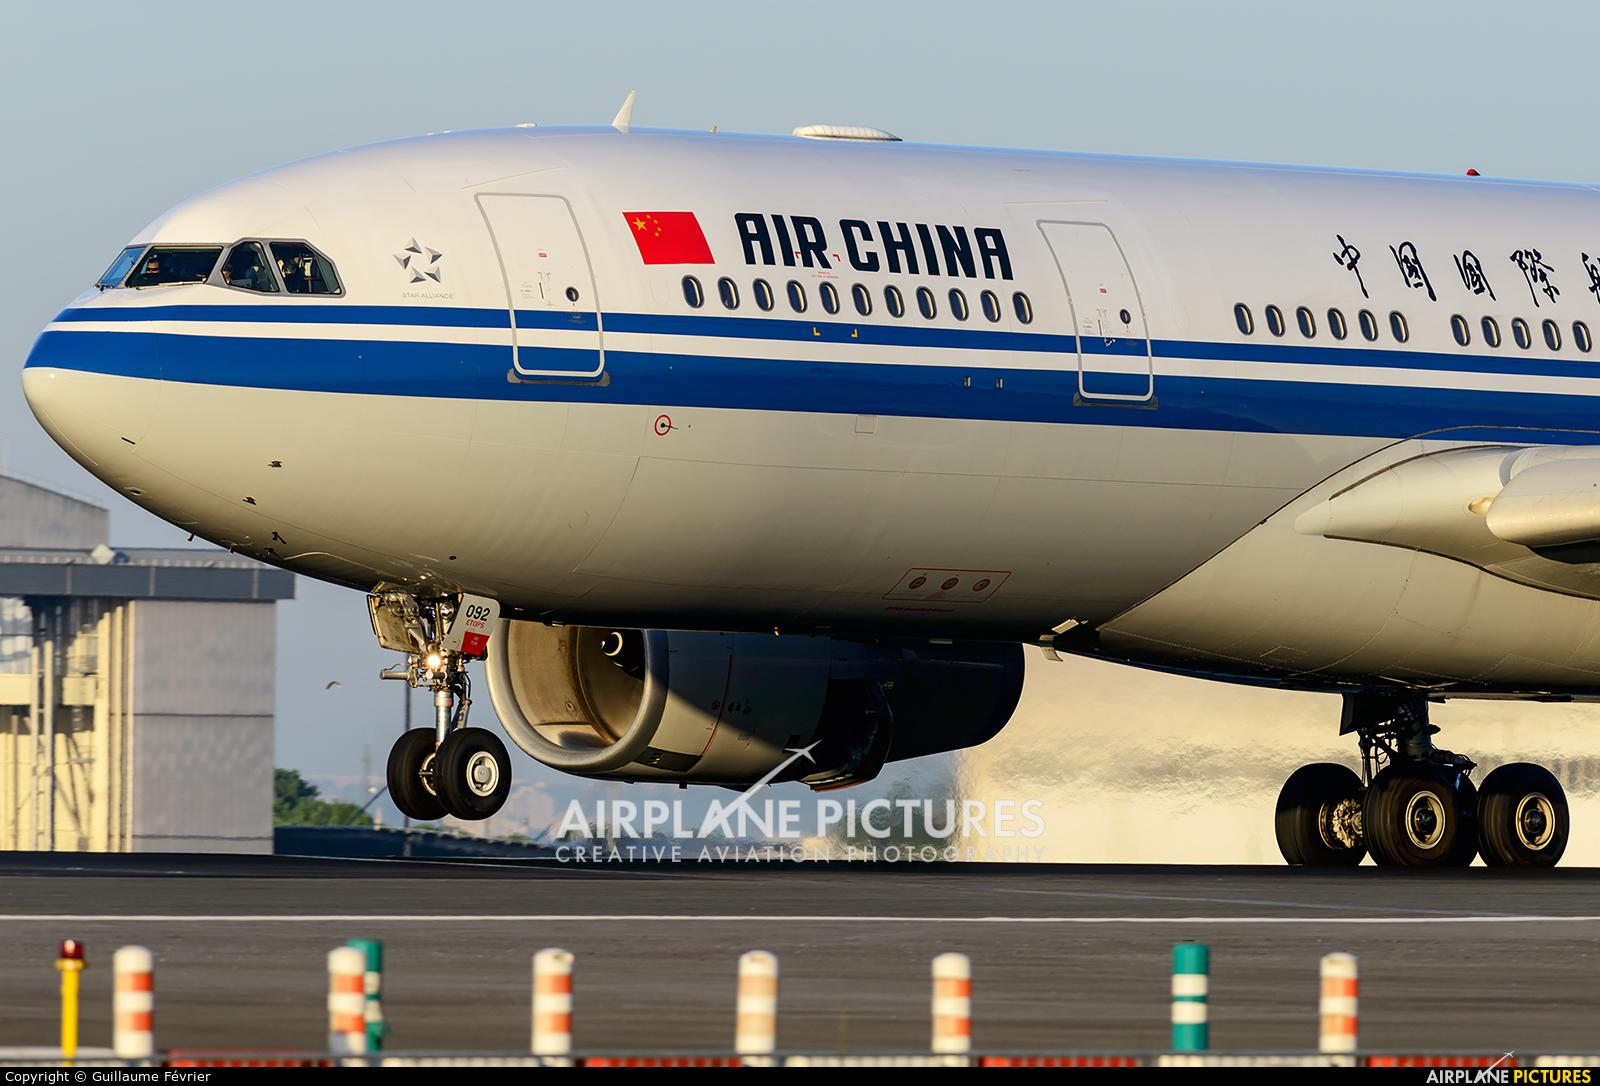 Air China B-6092 aircraft at Paris - Charles de Gaulle